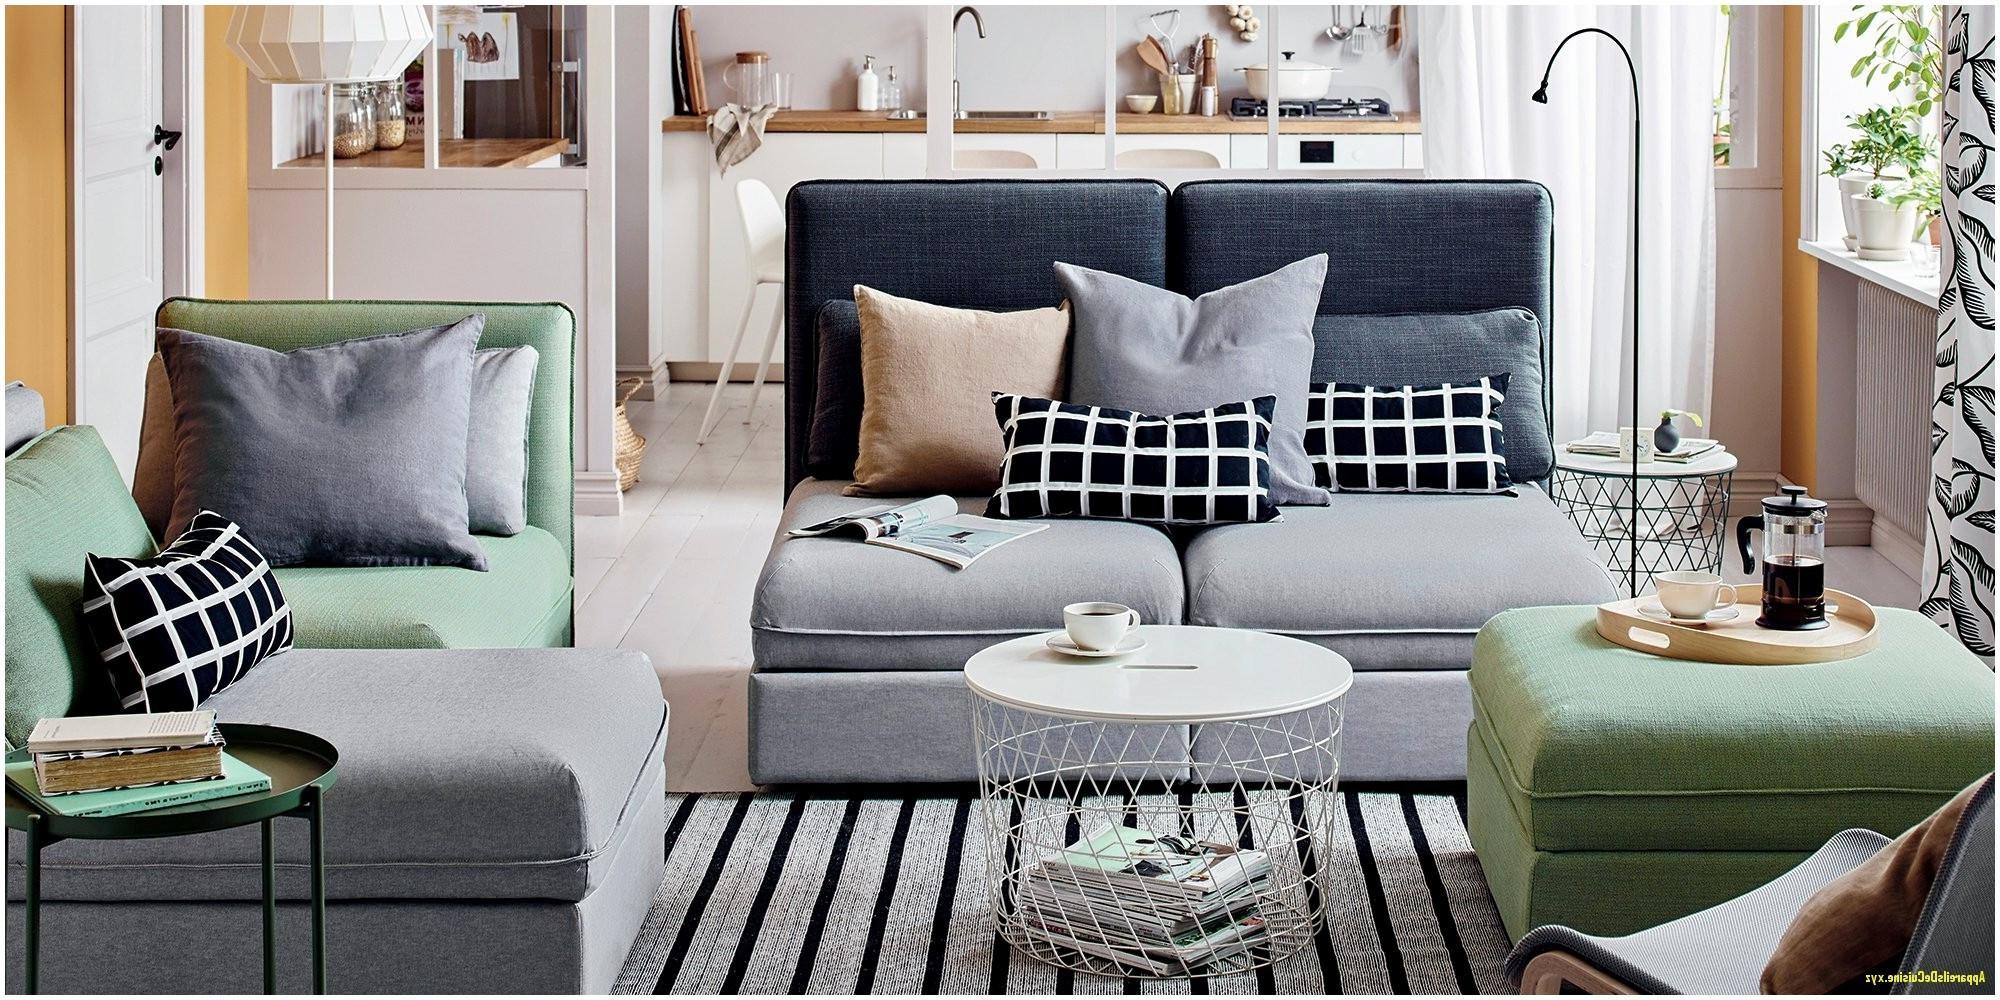 Assise Salon De Jardin Luxe Meuble Pour Salon Mobilier De Jardin Deco Génial Hd Paysage